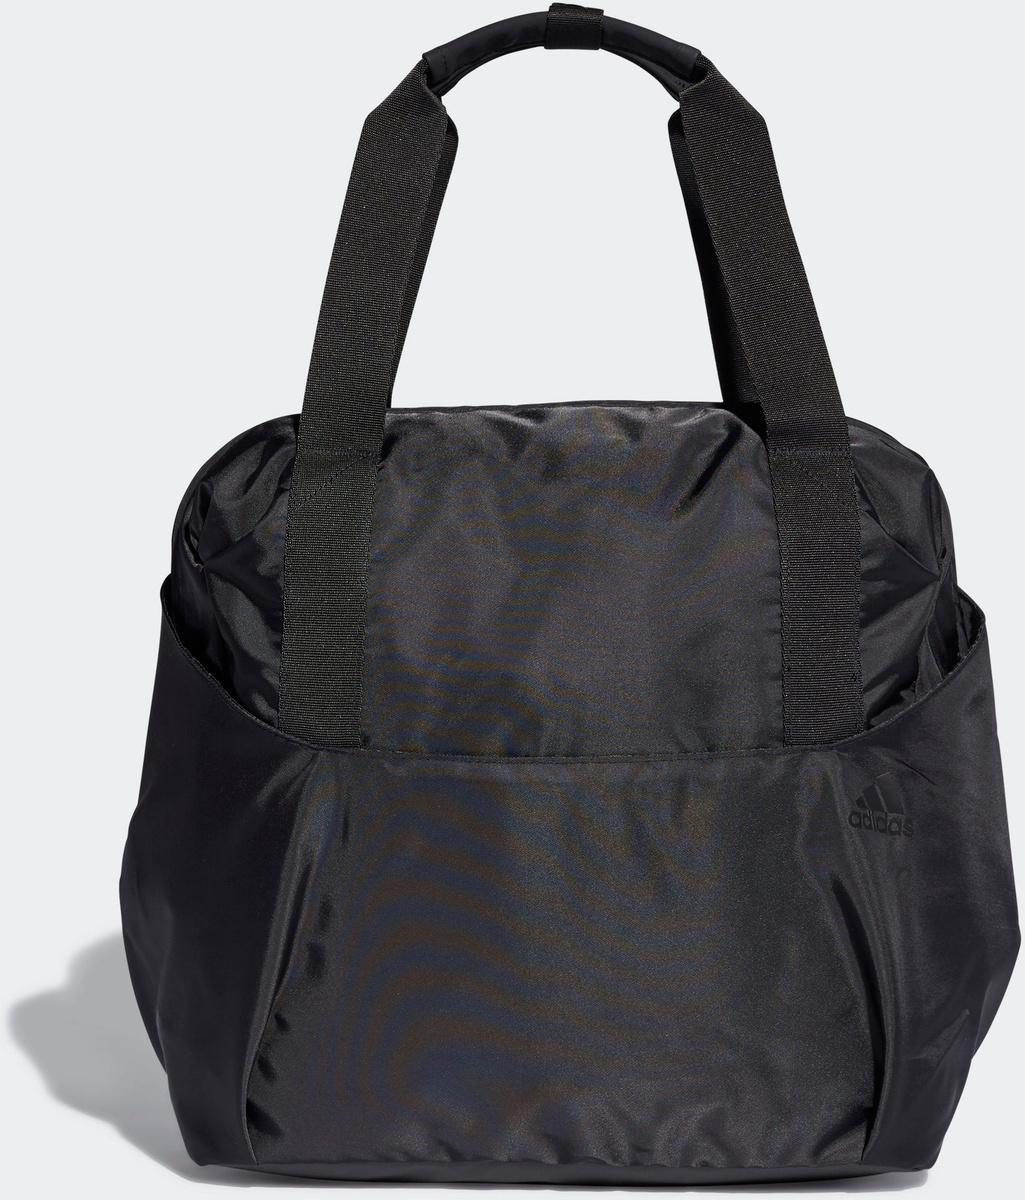 c511a1c869ba Сумка женская Adidas W TR ID TOTE, цвет: черный. DT4062 — купить в  интернет-магазине OZON.ru с быстрой доставкой